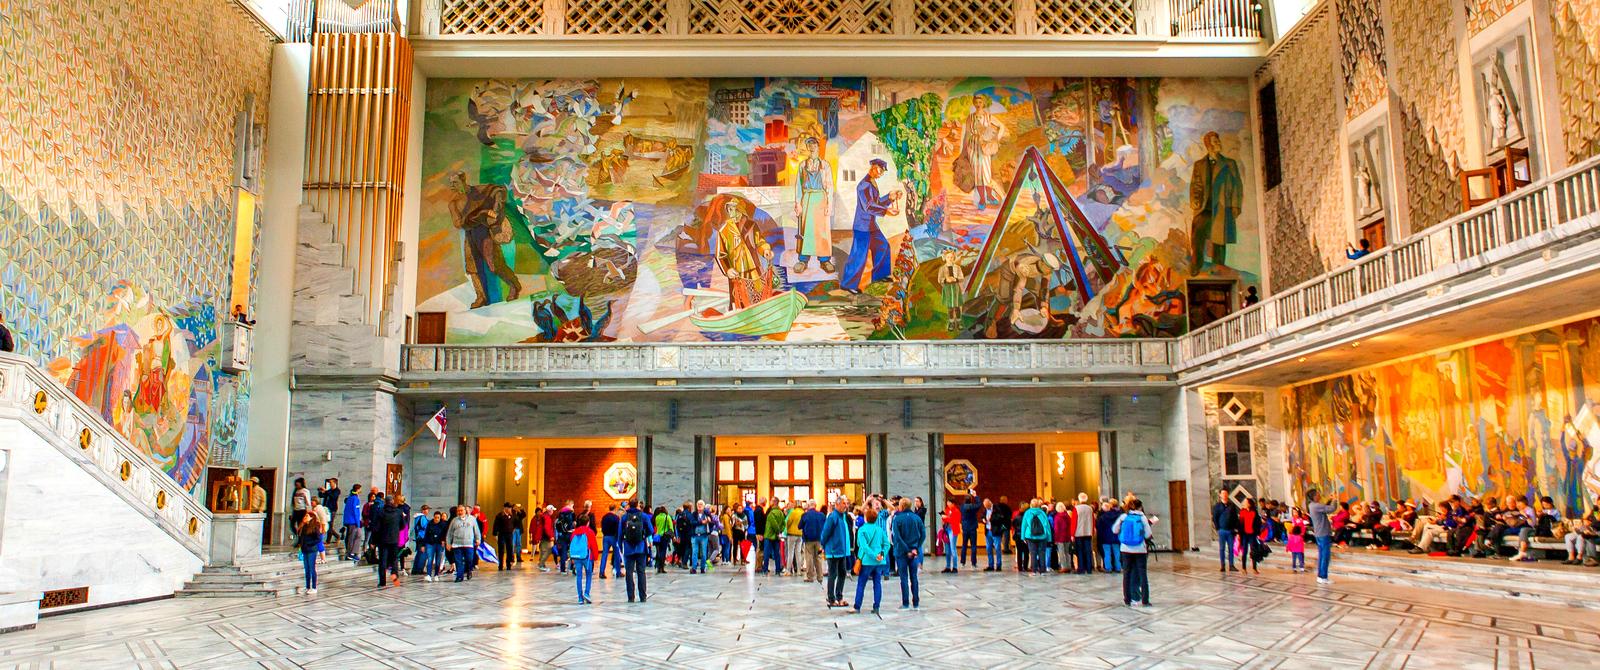 挪威奥塞罗市政厅,四周的人文壁画